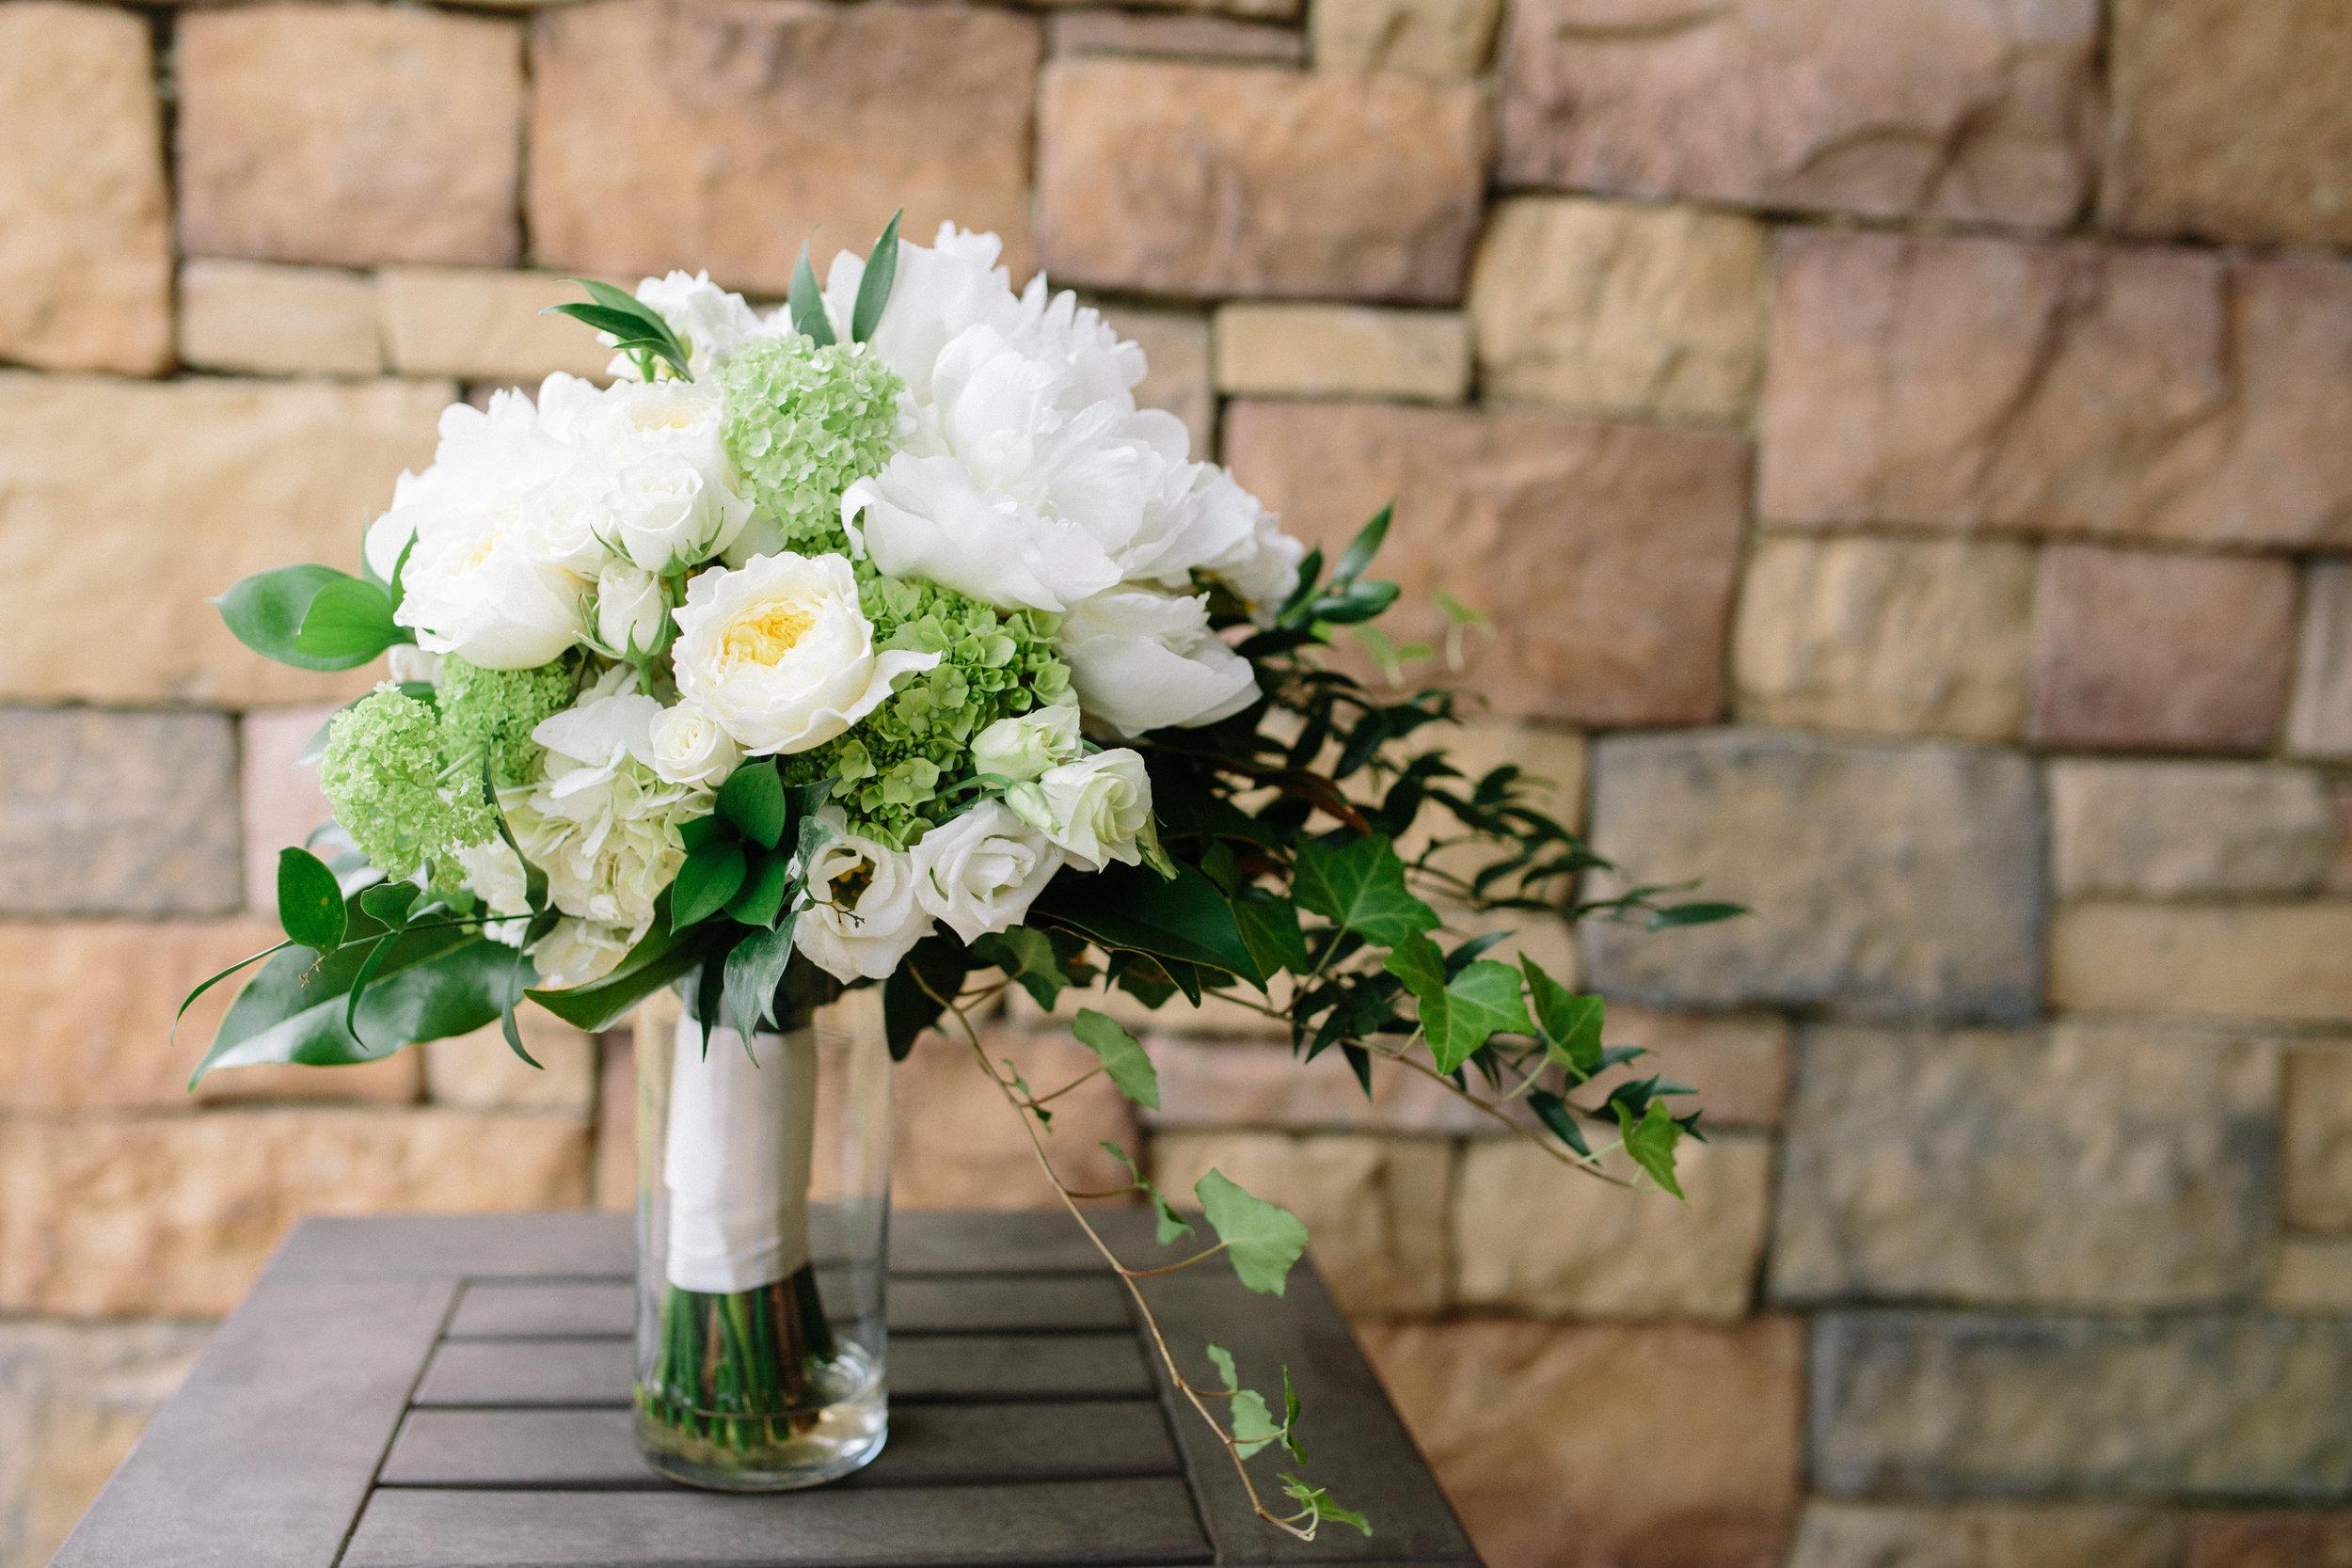 585f7-weddingplannerbridalbouquetweddingplannerbridalbouquet.jpg